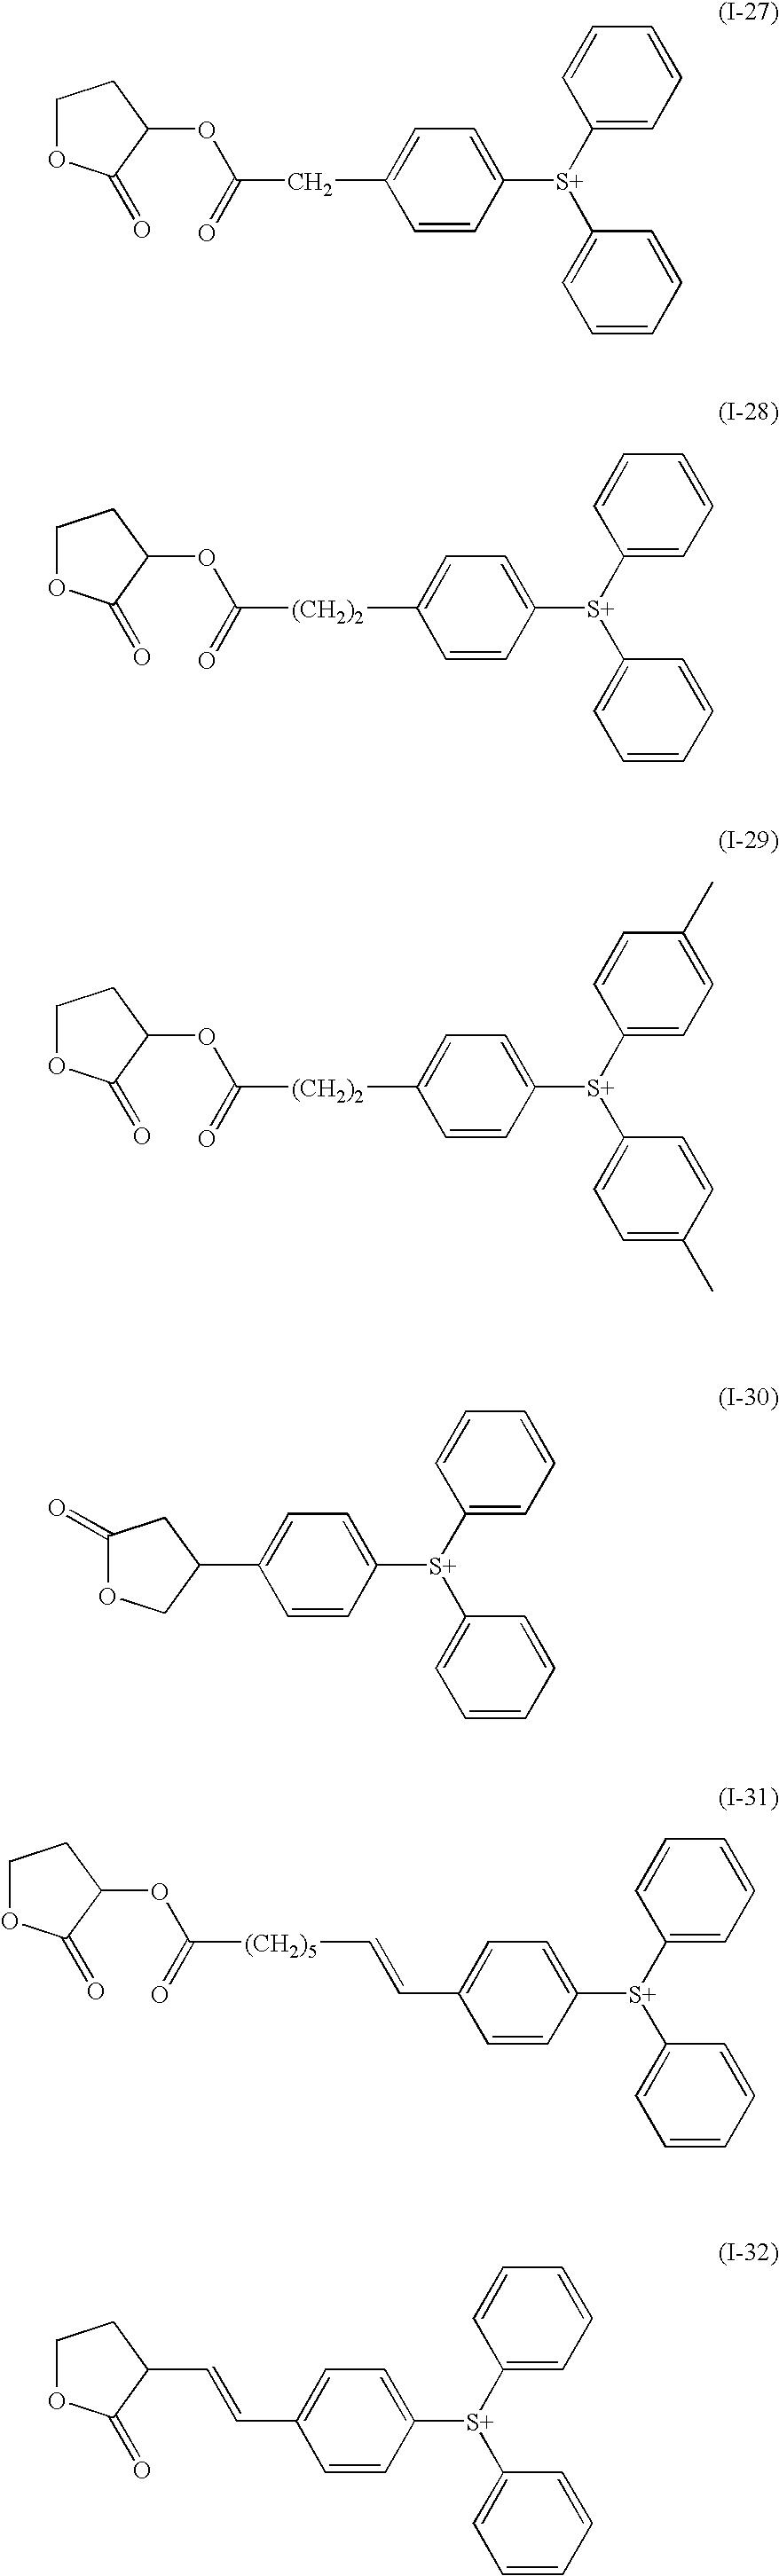 Figure US08404427-20130326-C00012